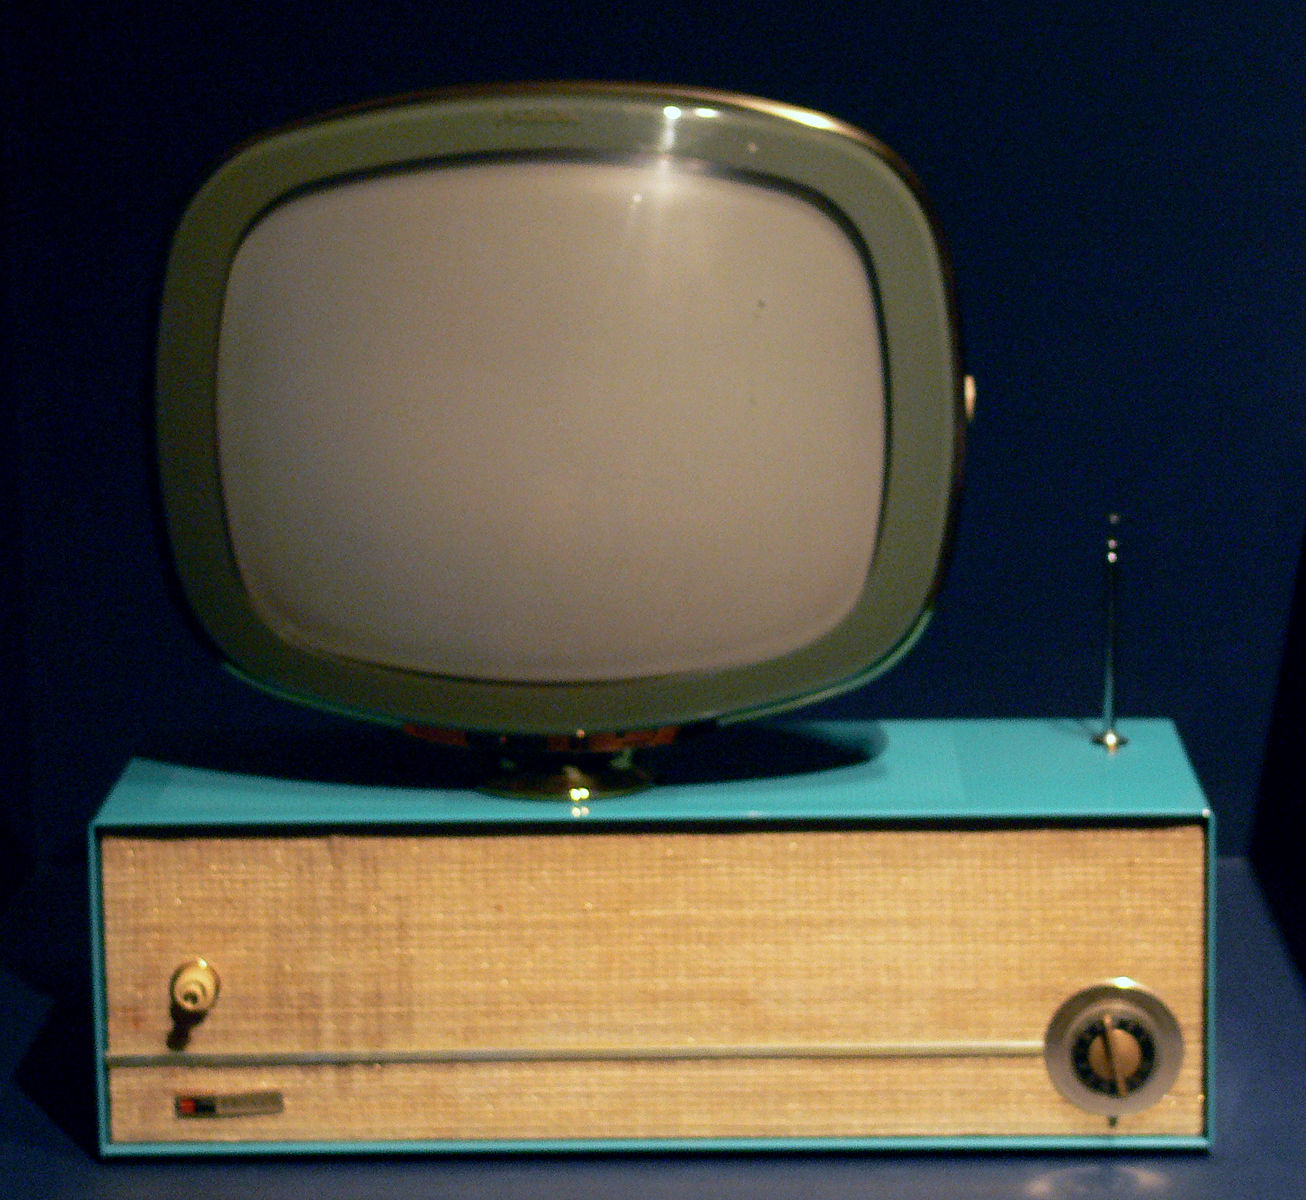 1306px-Predicta_model_television_1958-59_DMA.jpg